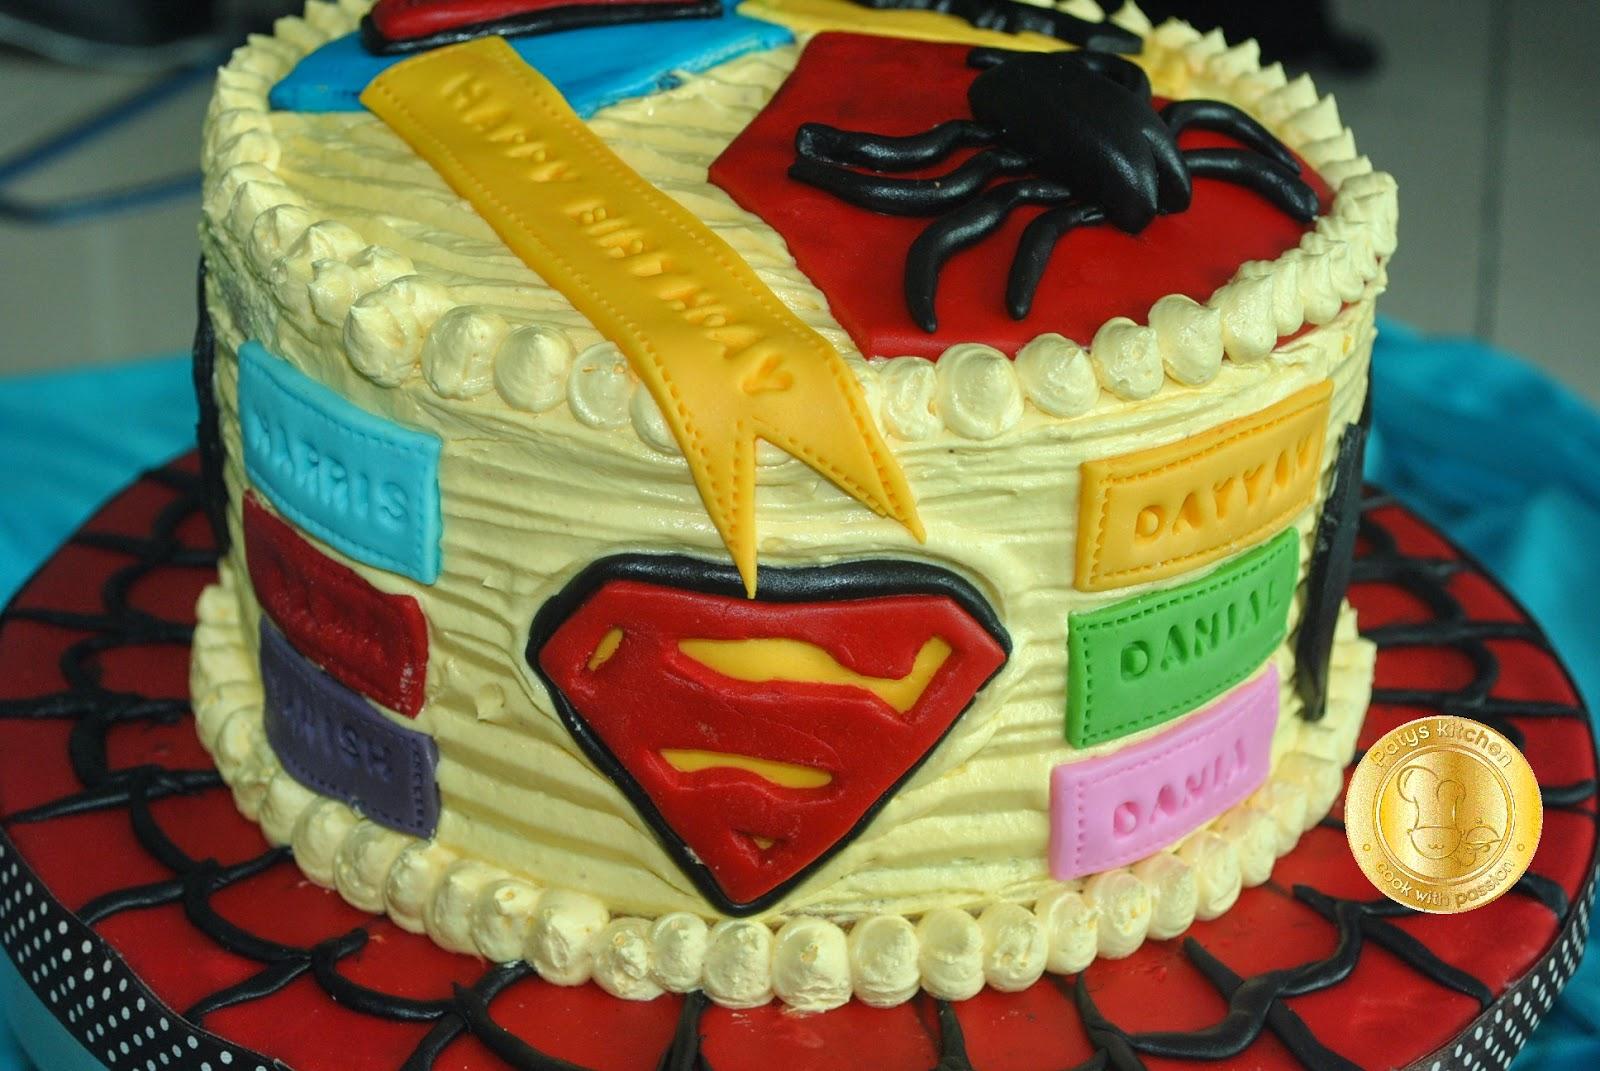 Patyskitchen Superhero Buttercream Birthday Cake